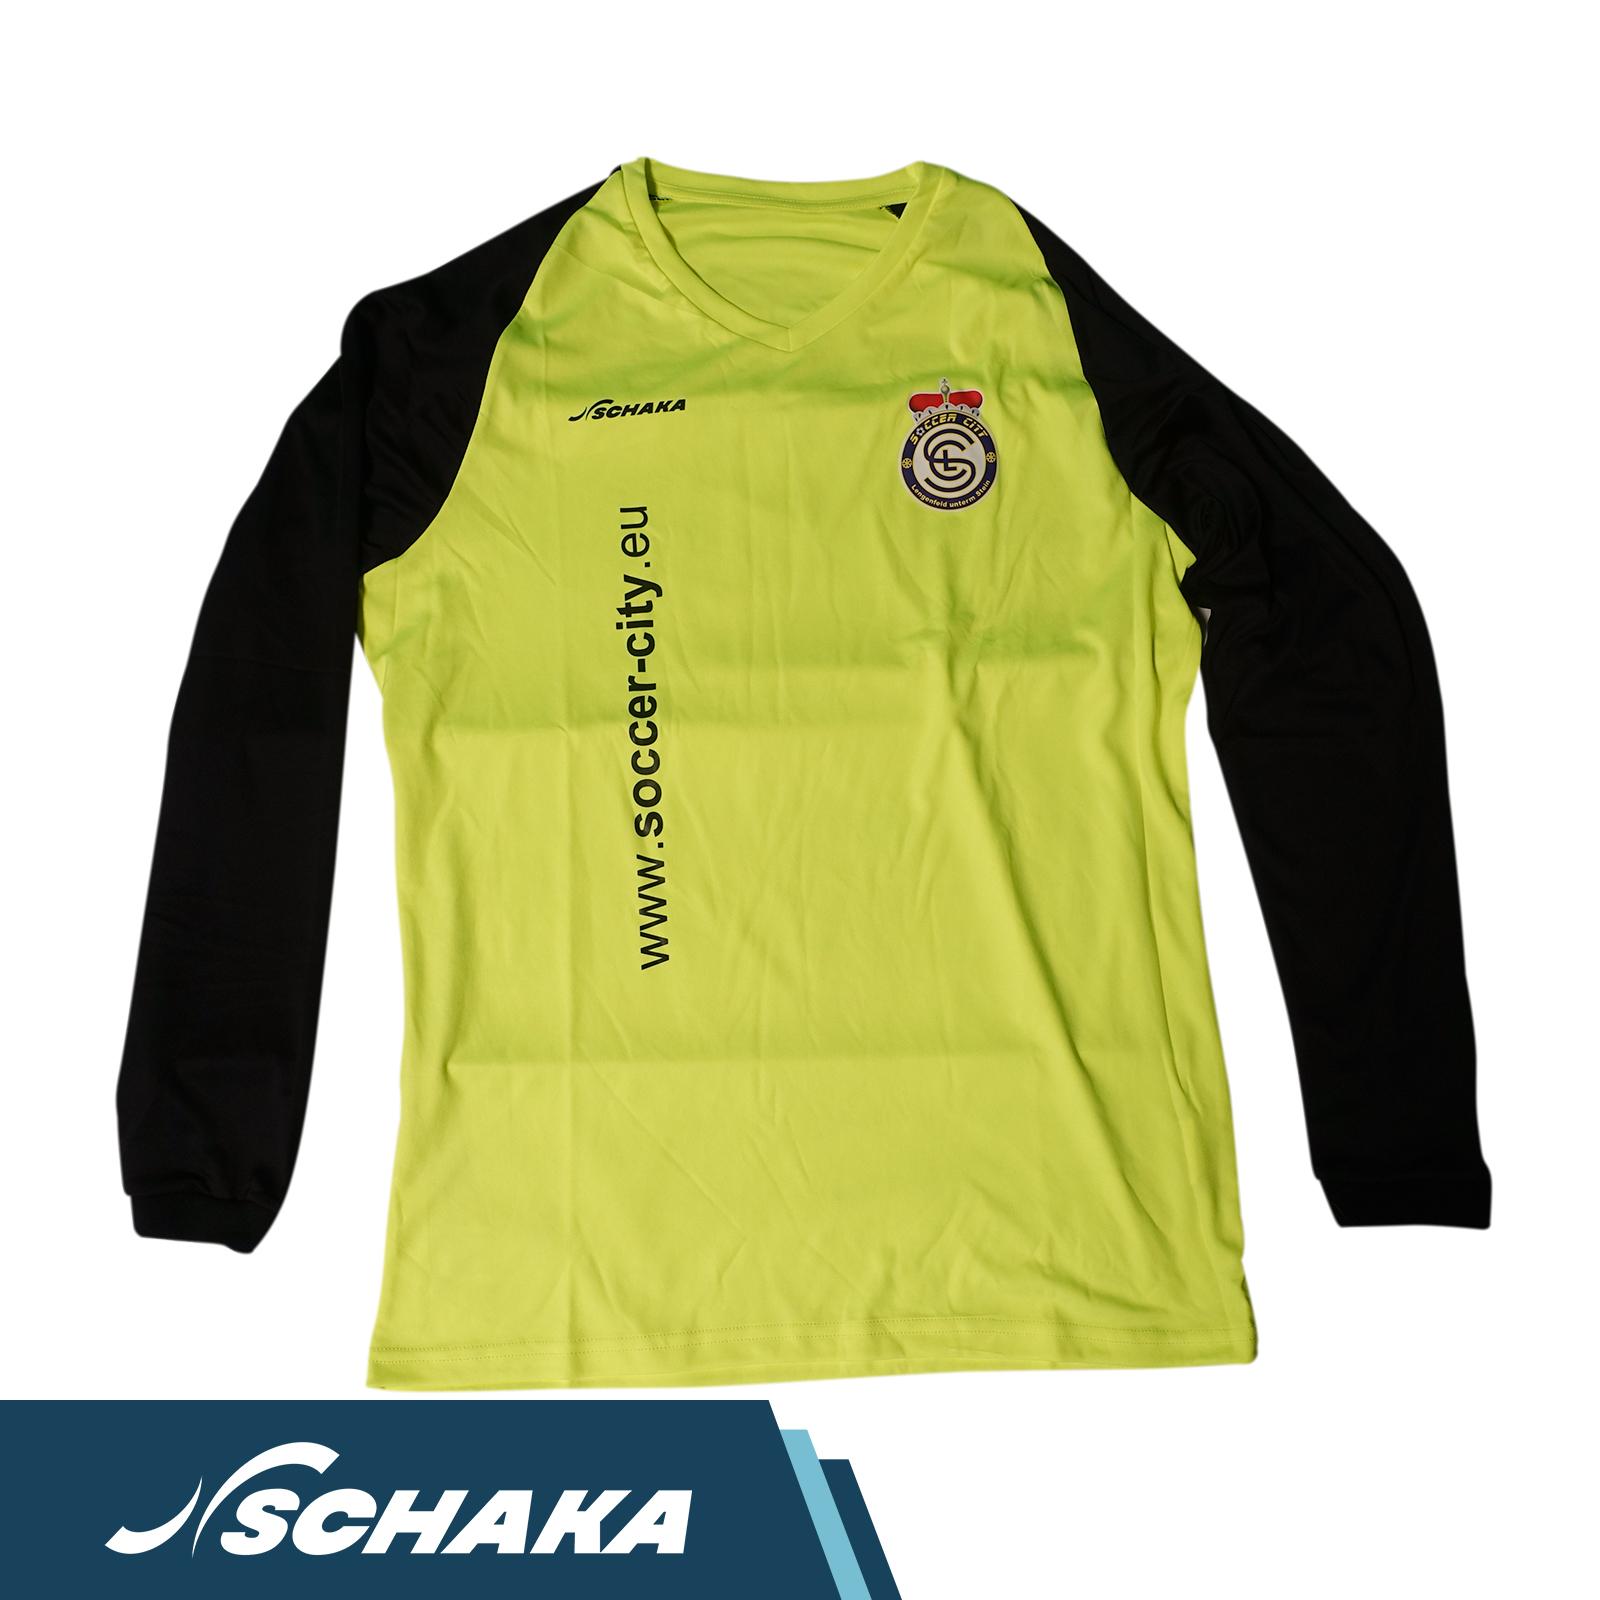 Schaka Goalkeeper Jersey MUA Soccer City Edition